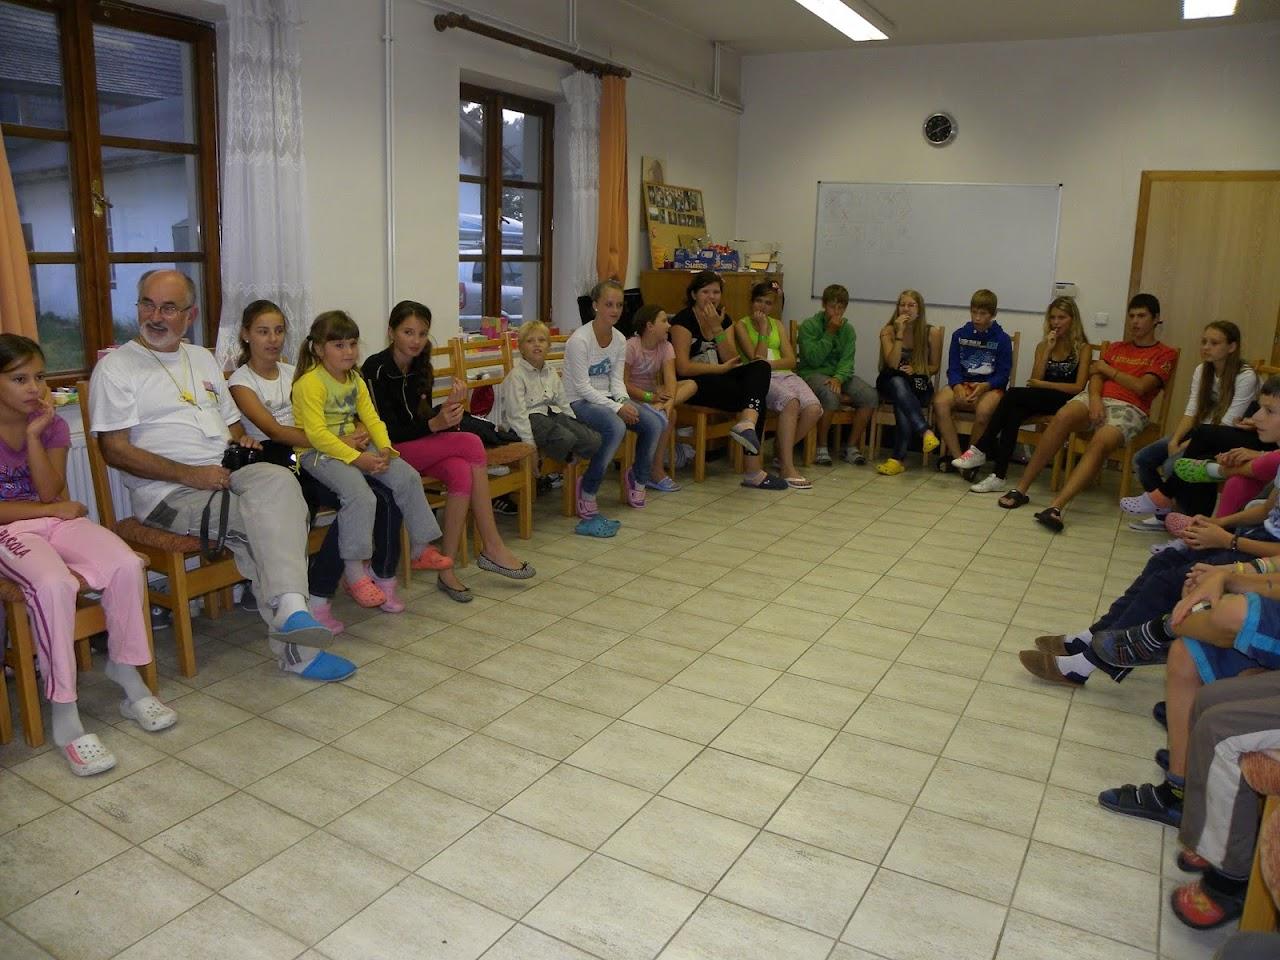 Tábor - Veľké Karlovice - fotka 459.JPG